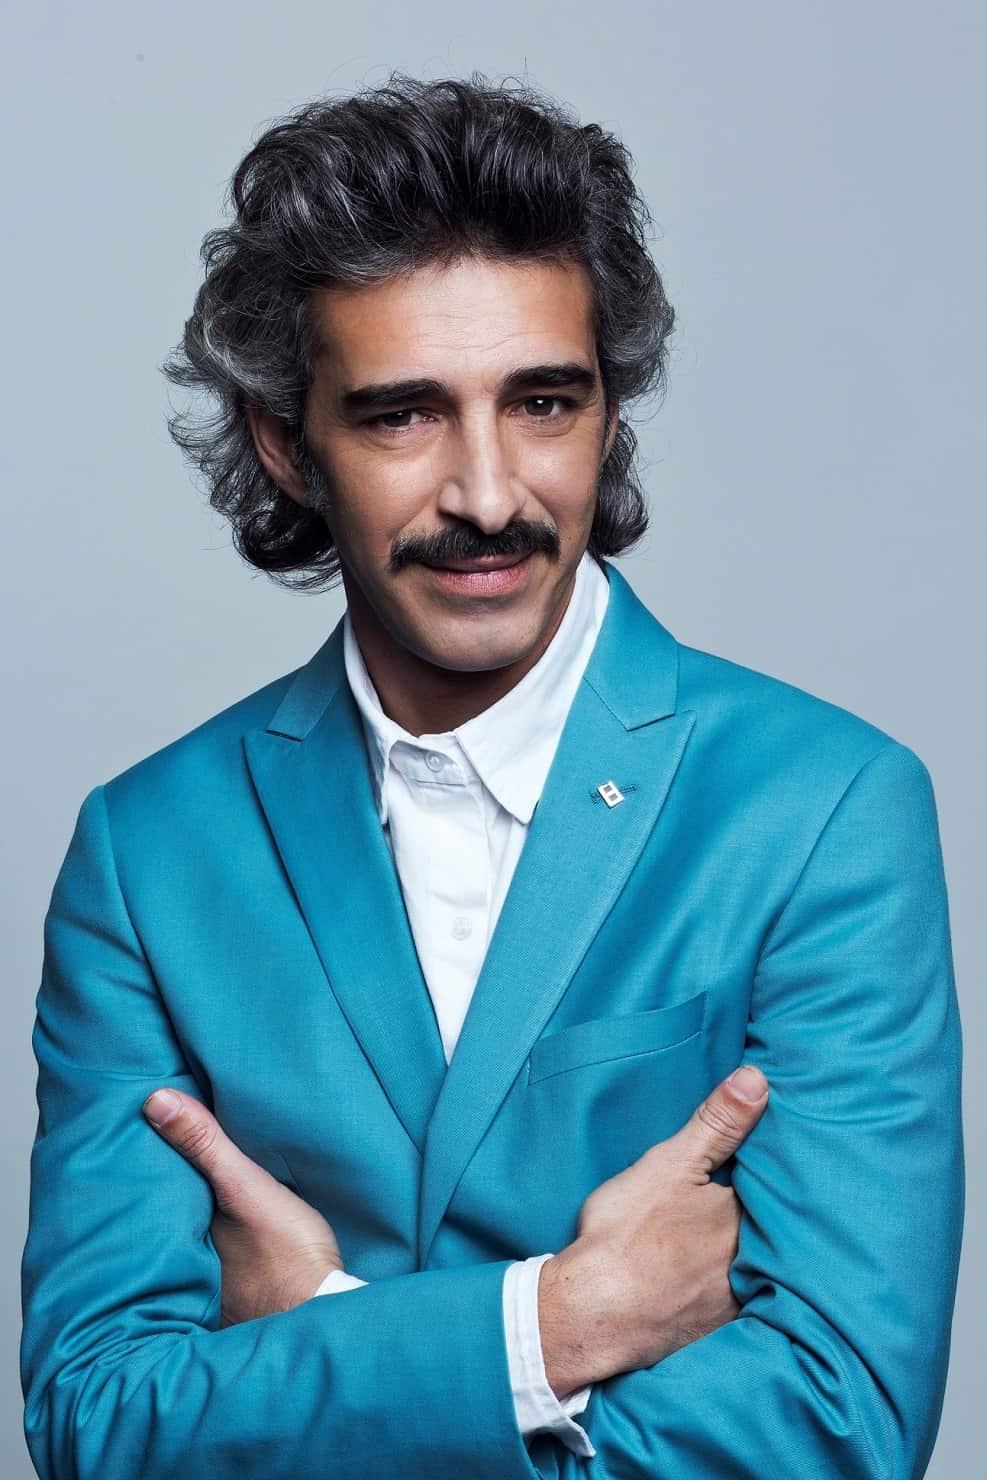 אלי אדרי, מבעלי רשת הגלריות פחות מאלף // צילום מיכאל טופיול